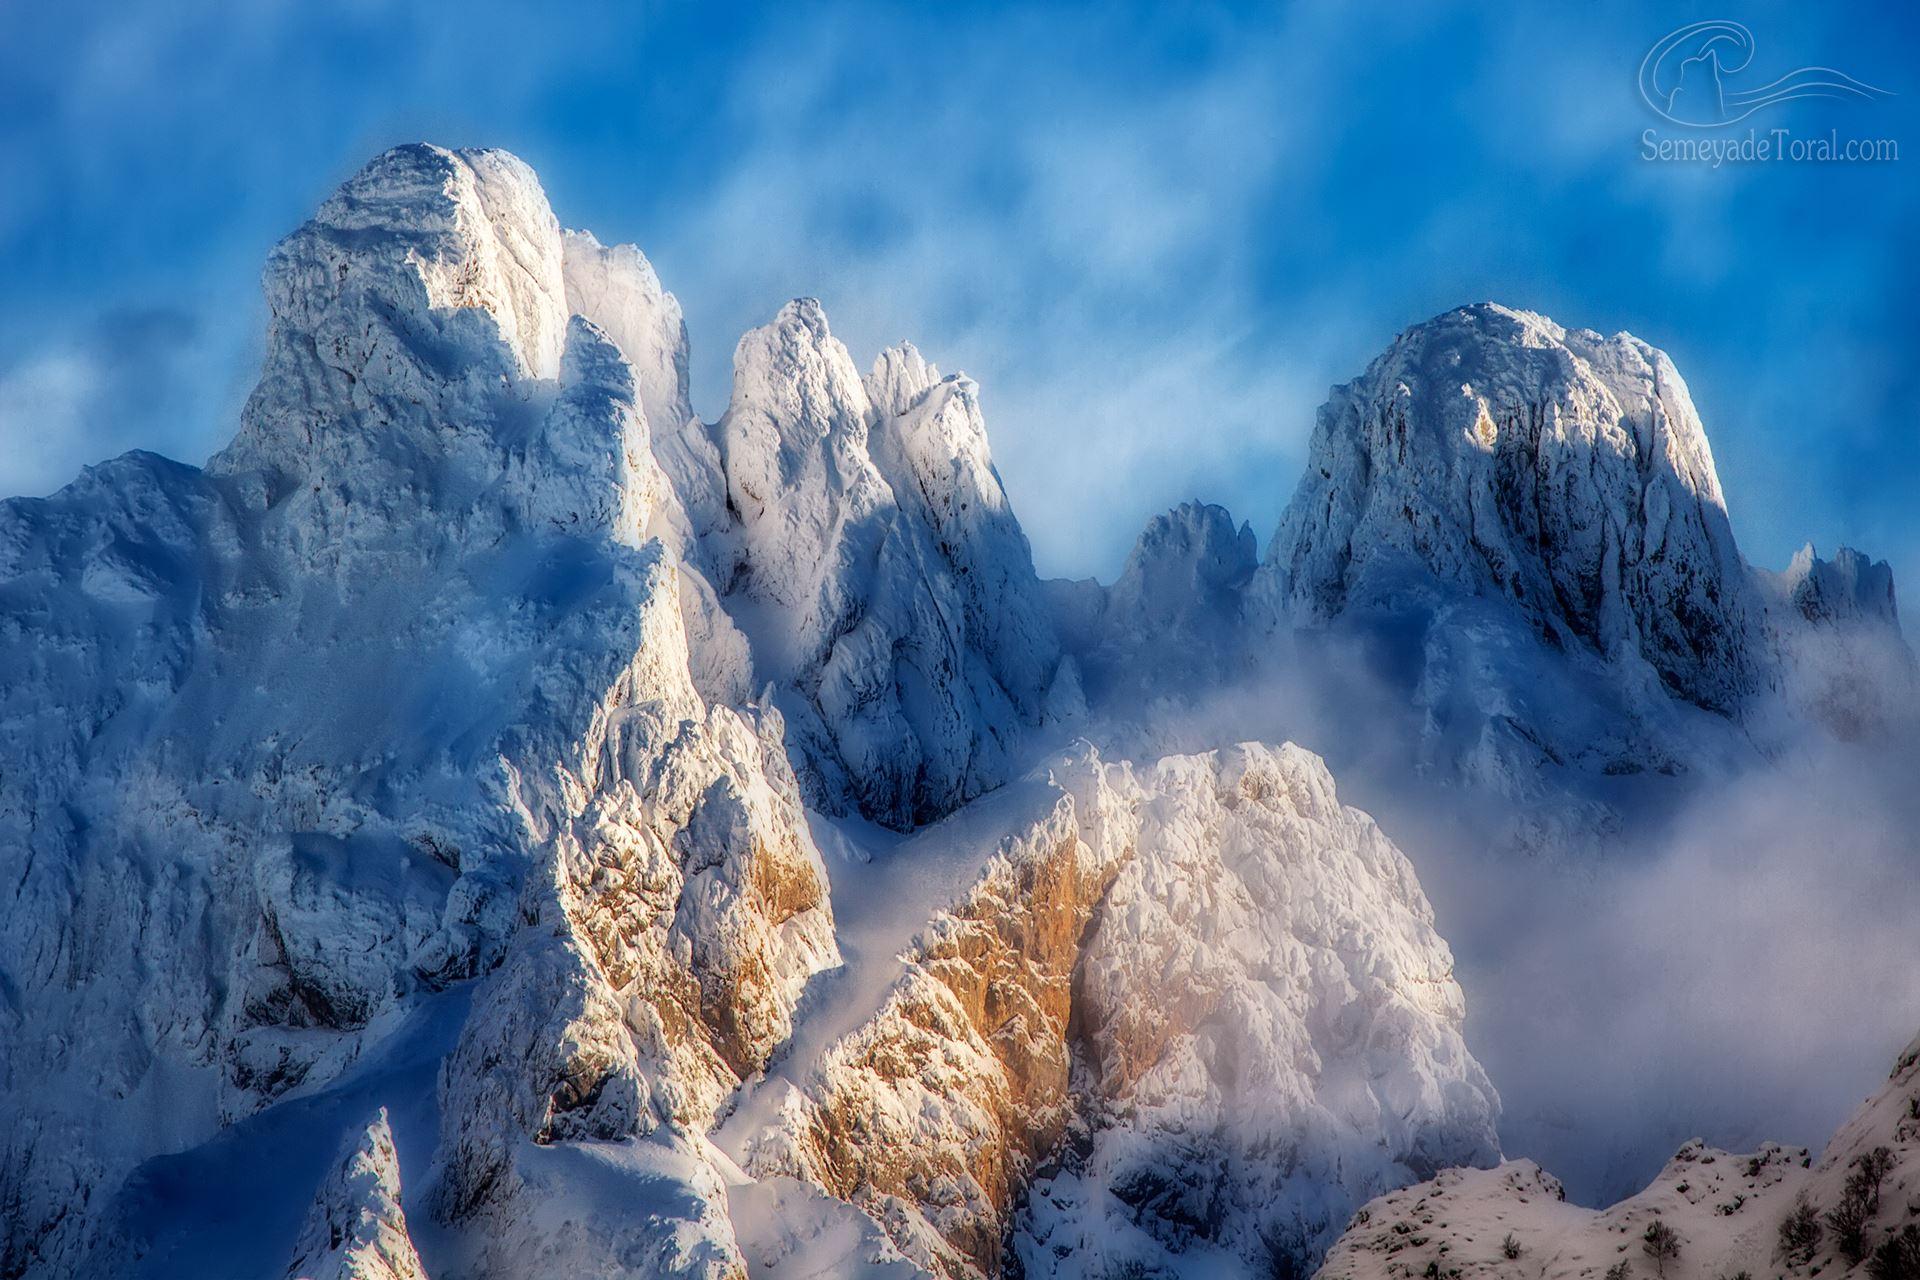 Invierno en Picos. - MONTAÑA - Semeya  de Toral